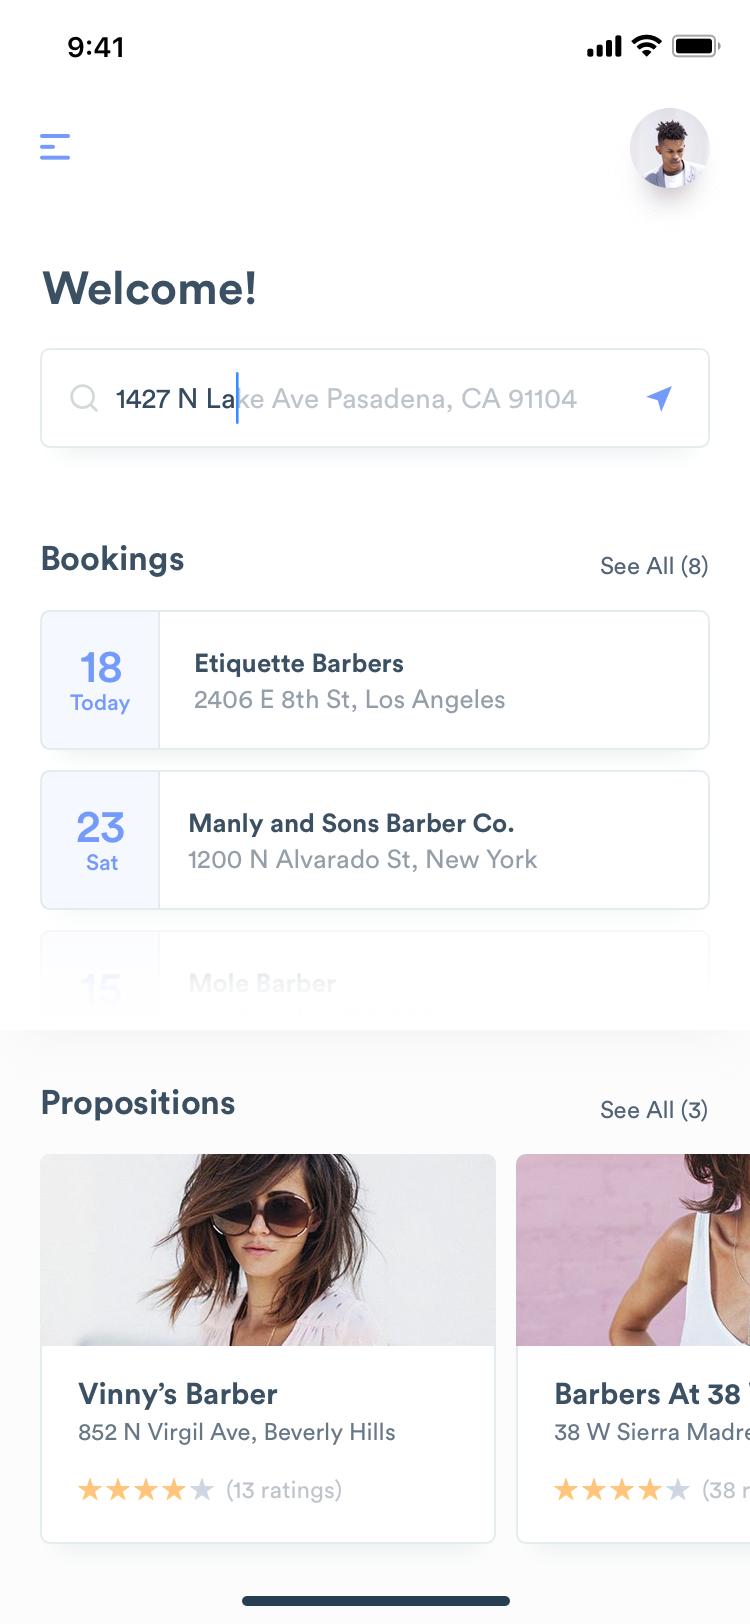 酒吧社交在线预约App界面设计 .sketch素材下载 界面-第3张